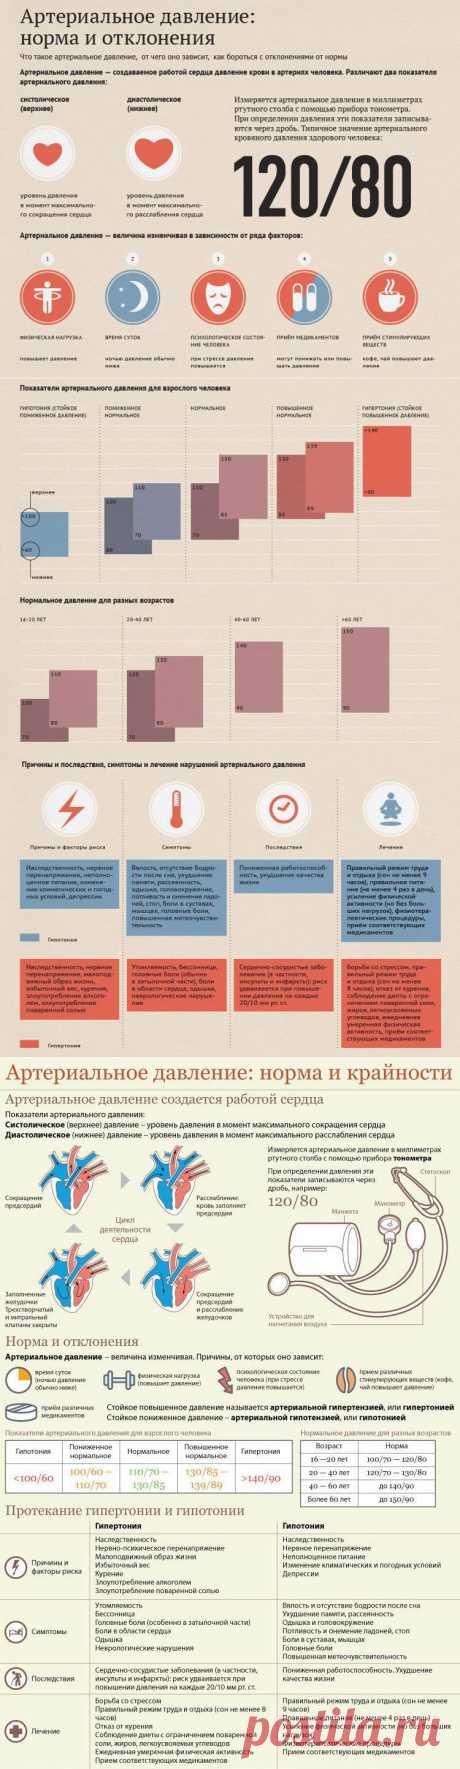 Инфографика. Здоровье.